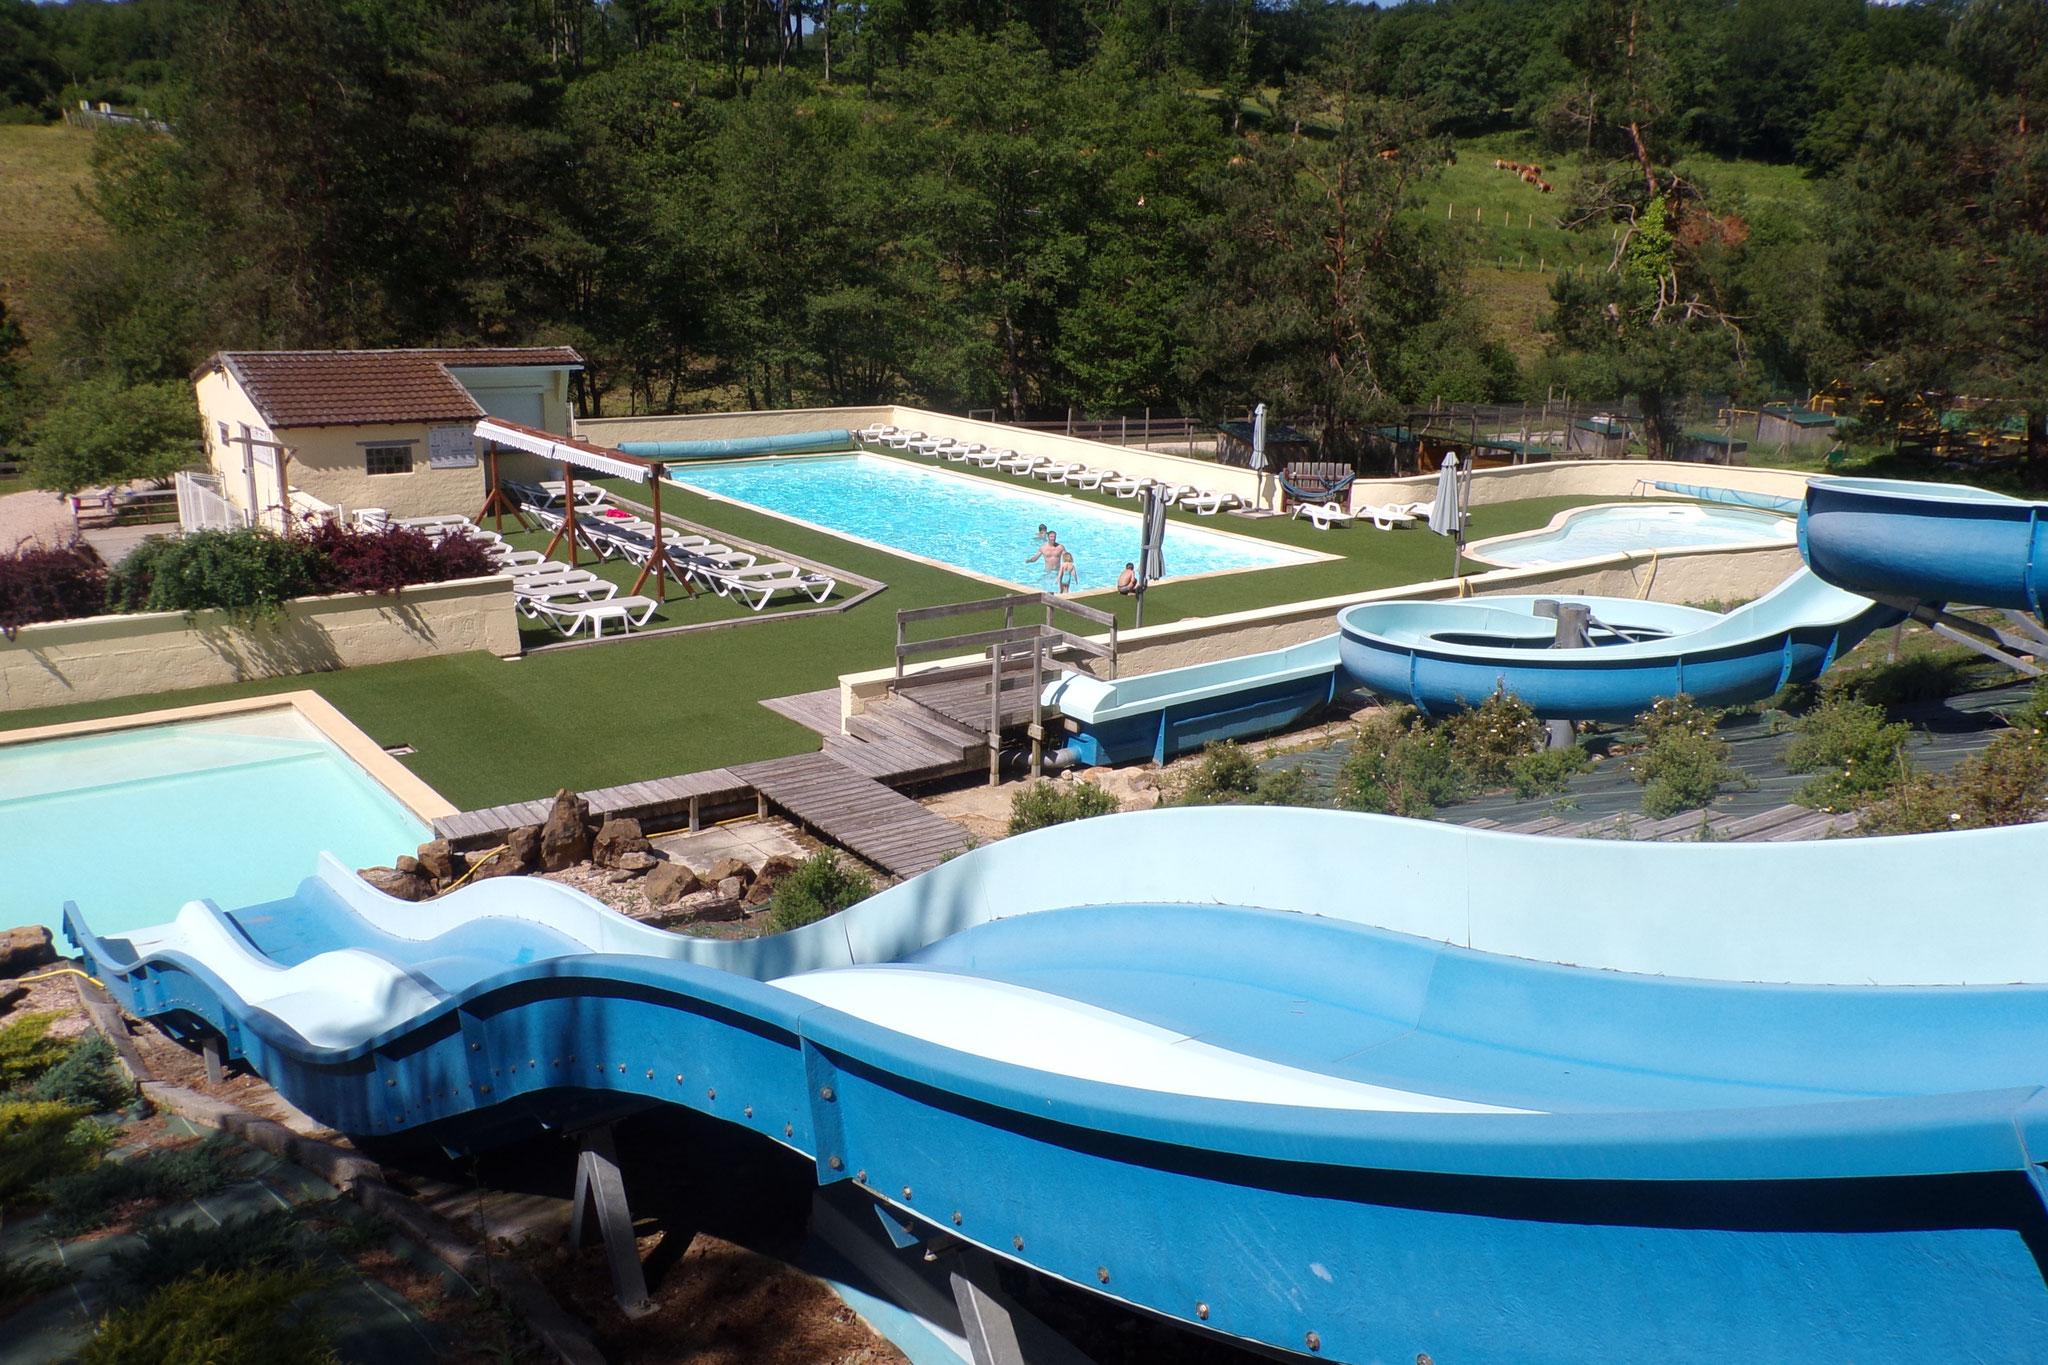 Camping familial en vall es lot dordogne espace aquatique for Petit camping familial avec piscine